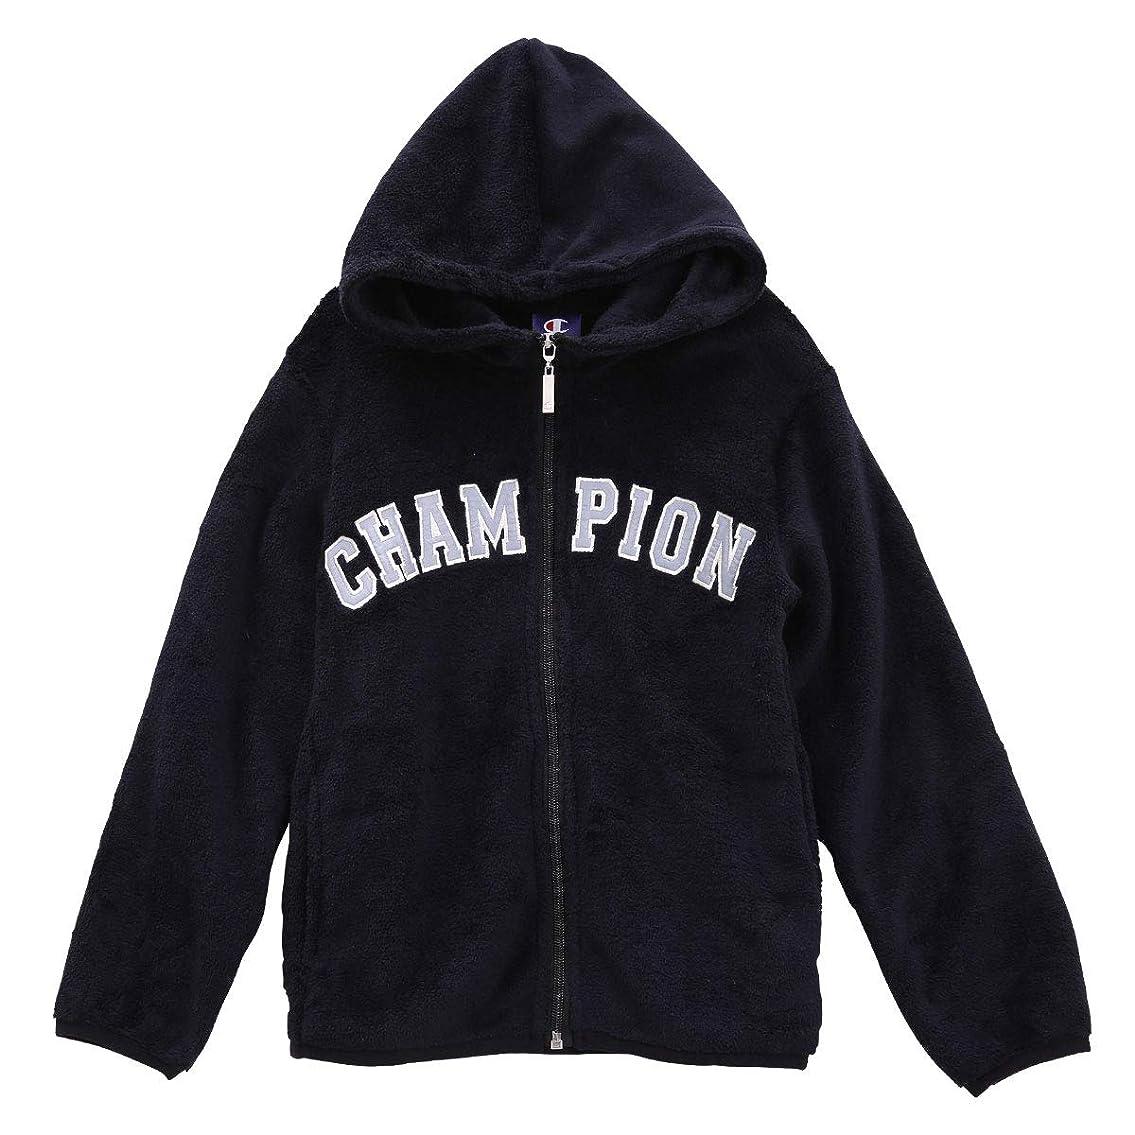 テストいつ(チャンピオン)Champion キッズ ジュニア 男の子 女の子 フリース フルジップパーカー モコモコ 子供服